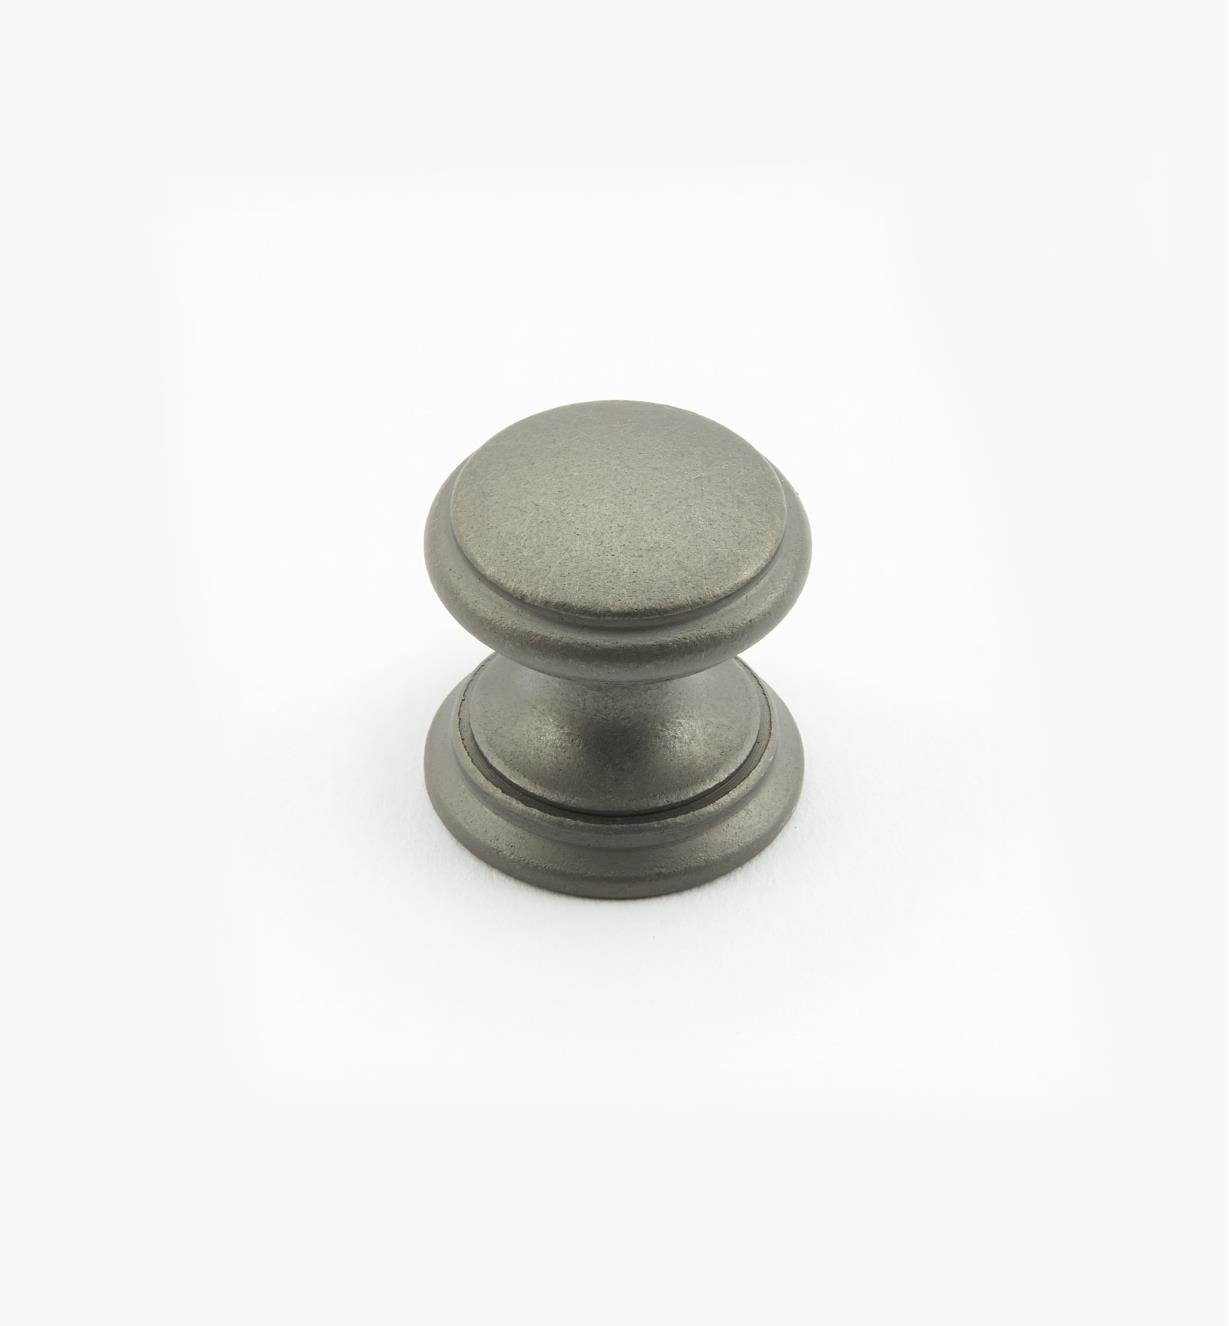 02W1457 - Bouton rond de 3/4 po x 3/4 po, série Étain, laiton